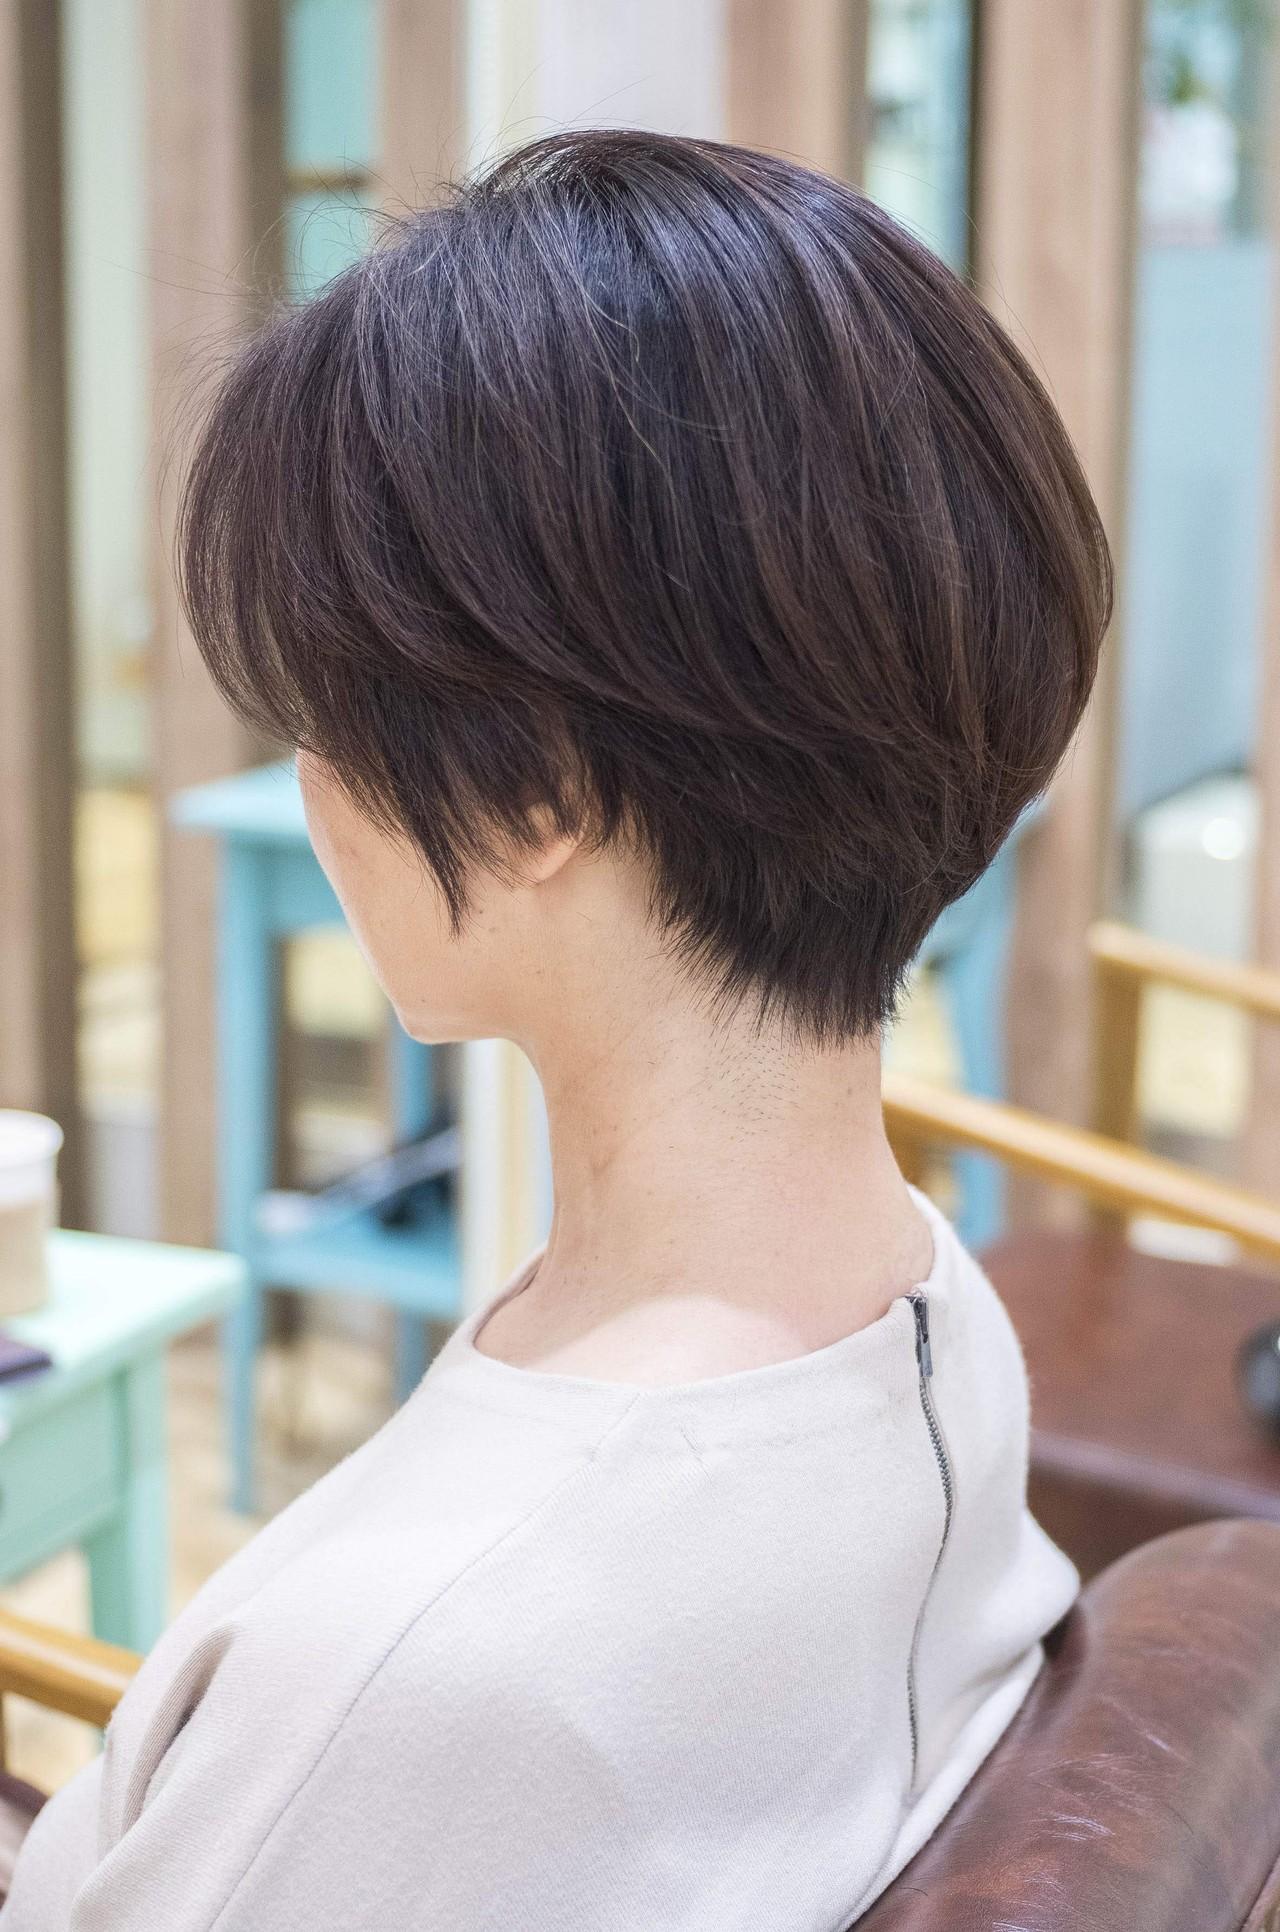 前下がり ナチュラル ショートボブ 大人かわいい ヘアスタイルや髪型の写真・画像 | 荒巻 充 / トライベッカ浦和店